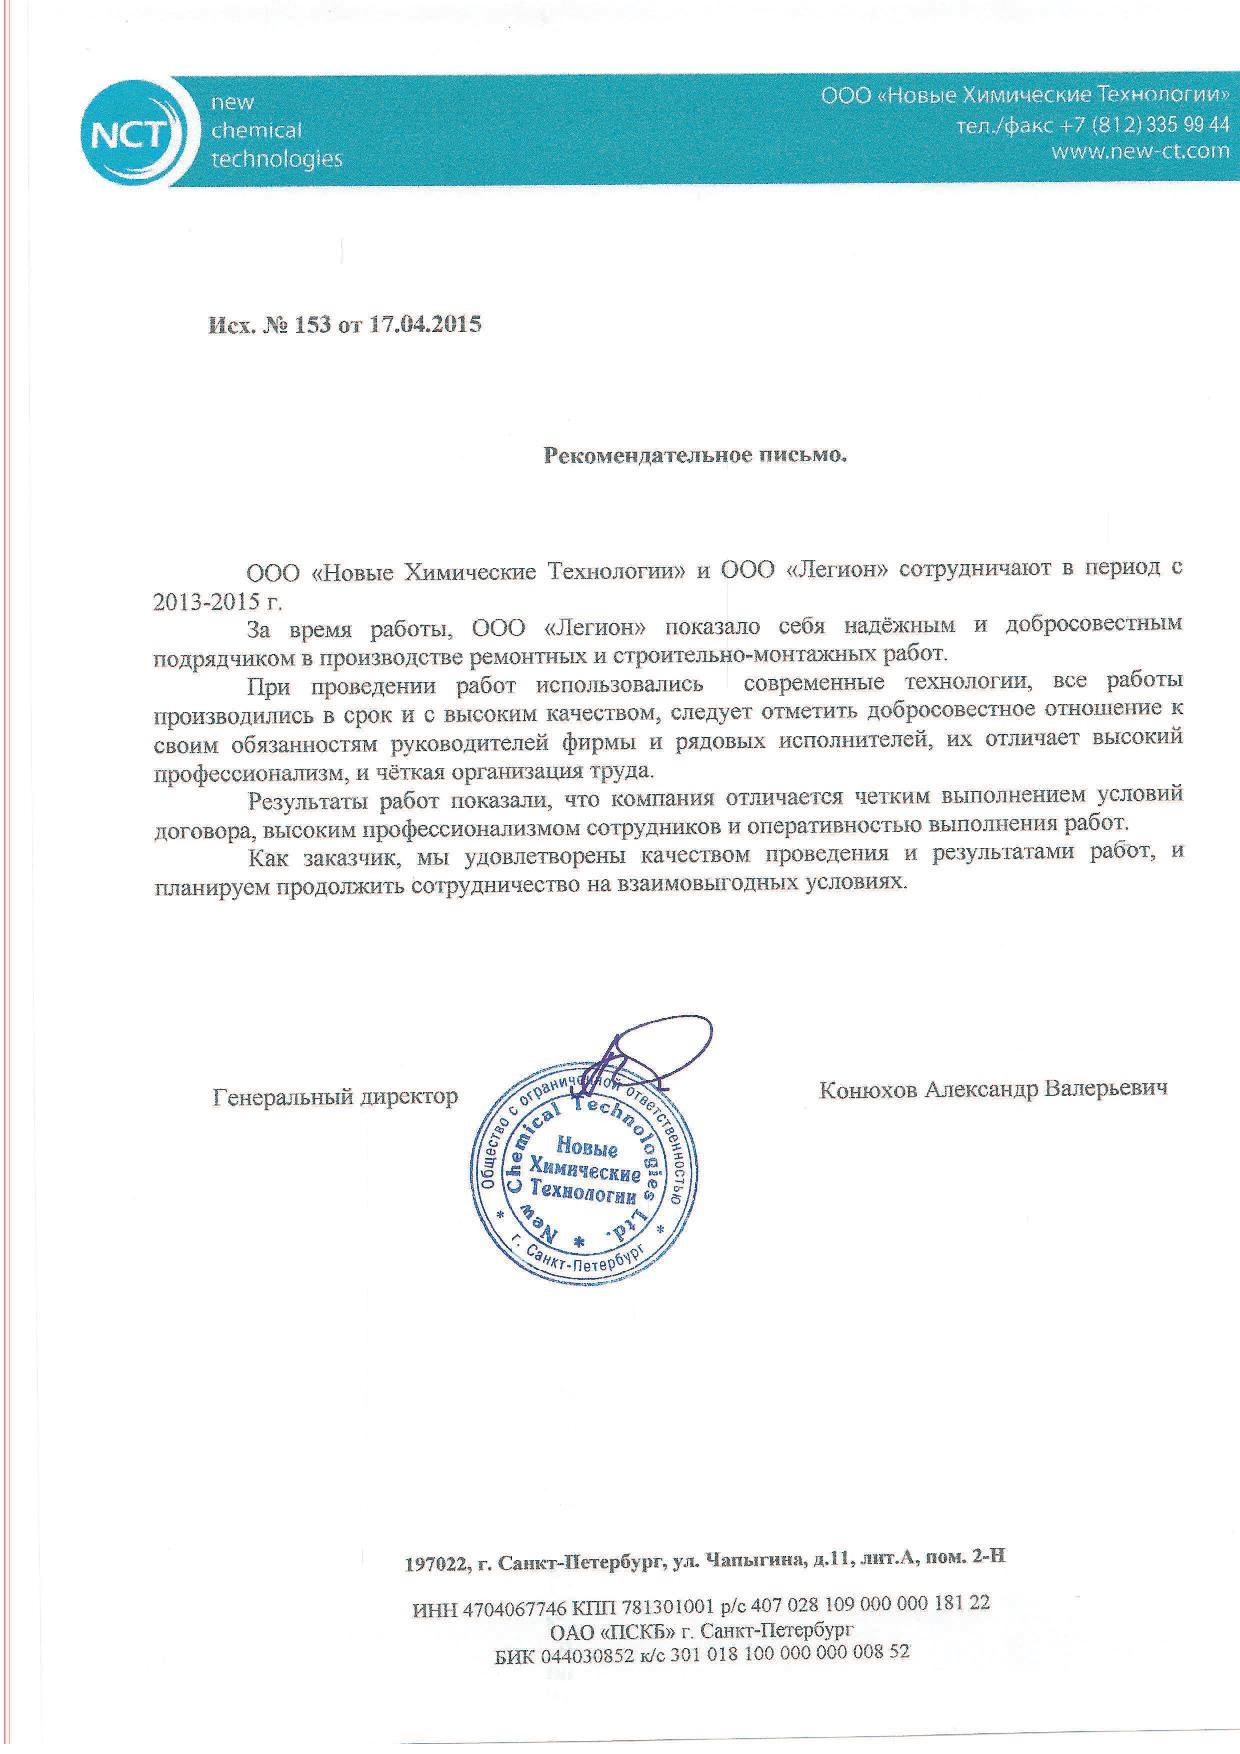 """Отзывы о строительной компании ООО """"Легион"""" Северо-Запад"""